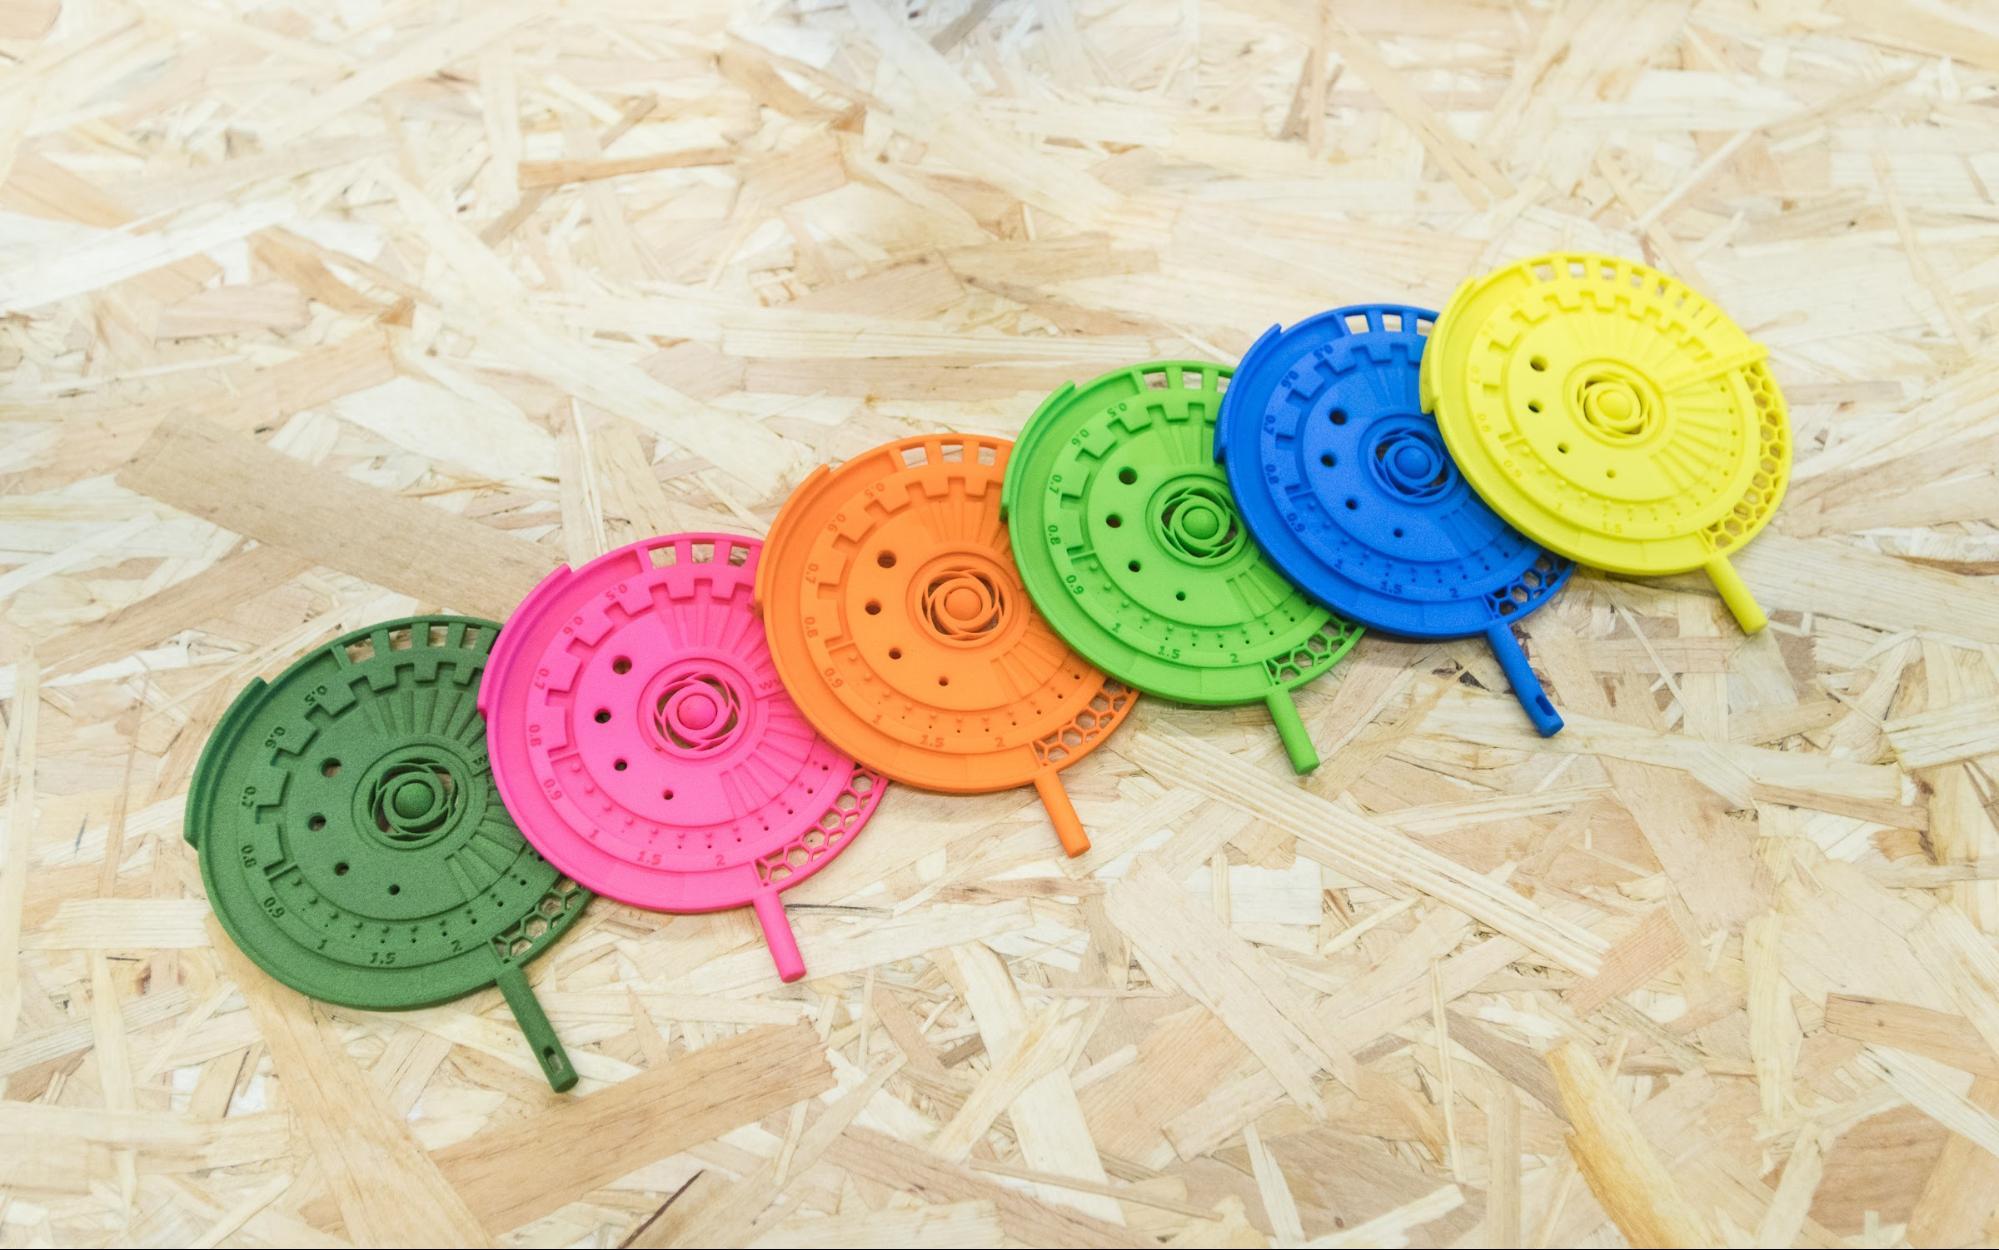 قطعات SLS در رنگ های مختلف. تخلخل این قطعات آنها را به محصولاتی ایده آل برای رنگ آمیزی تبدیل می کند.